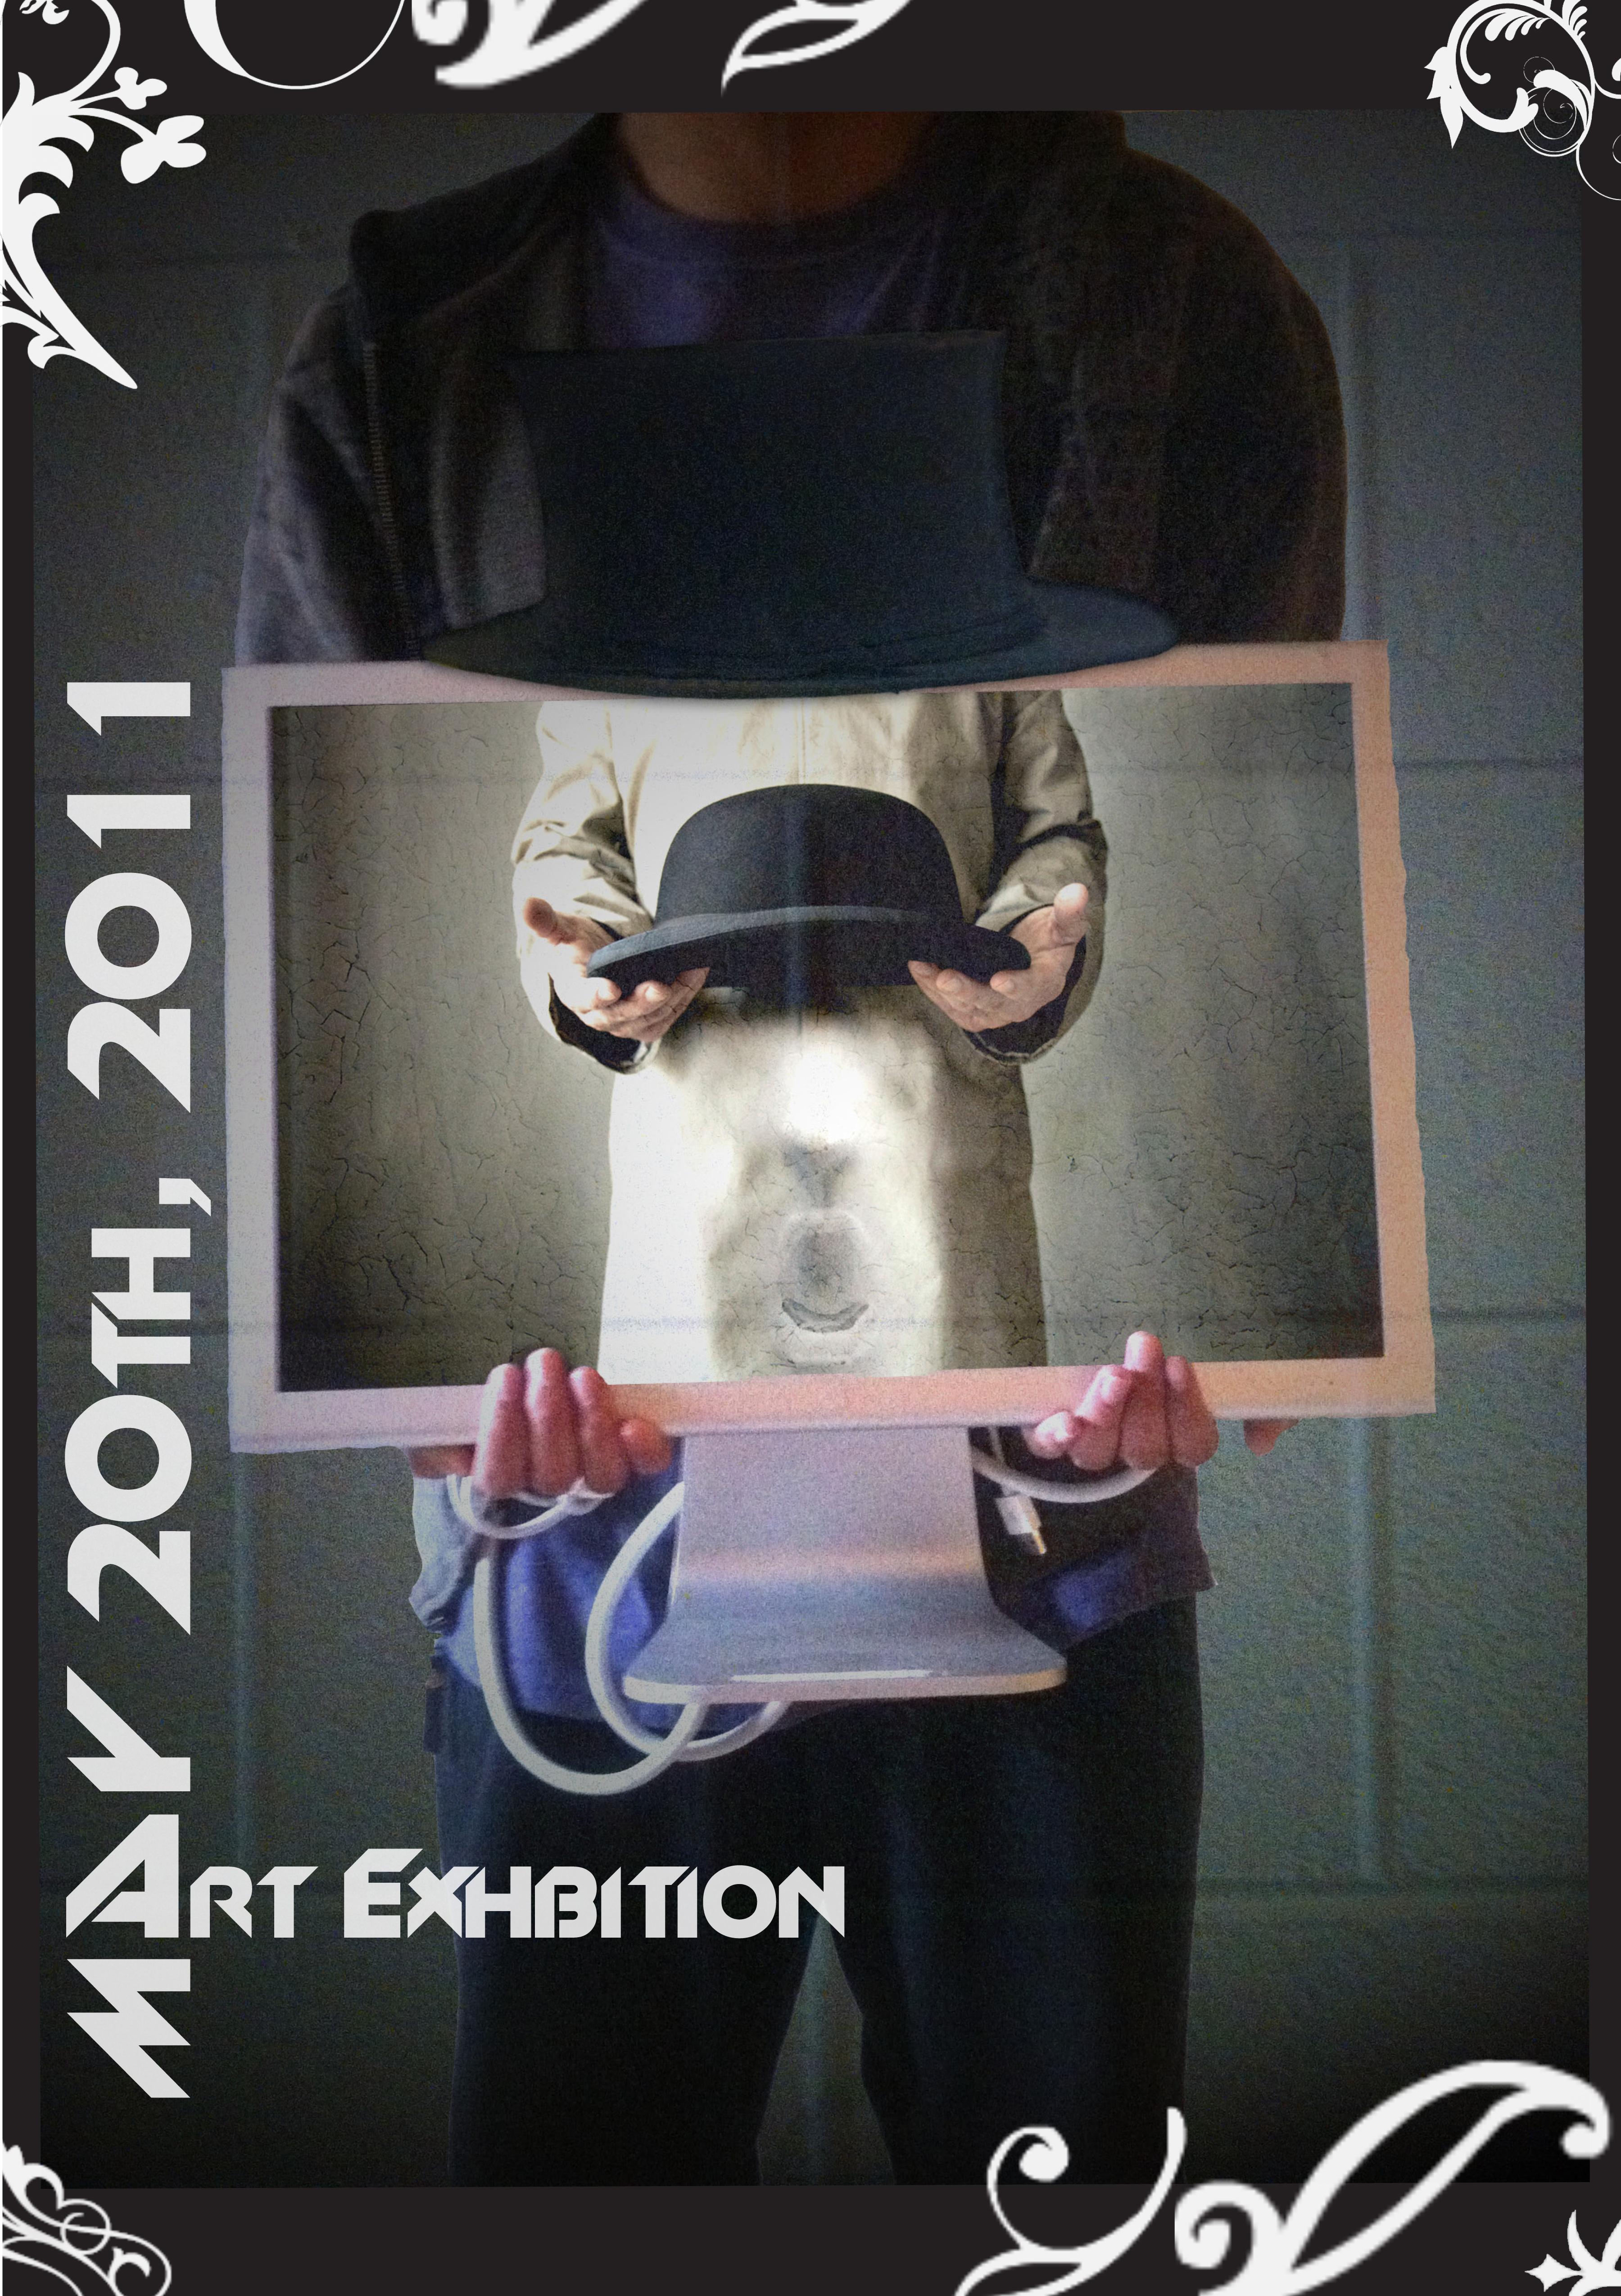 Poster design assignment - Final Poster Design